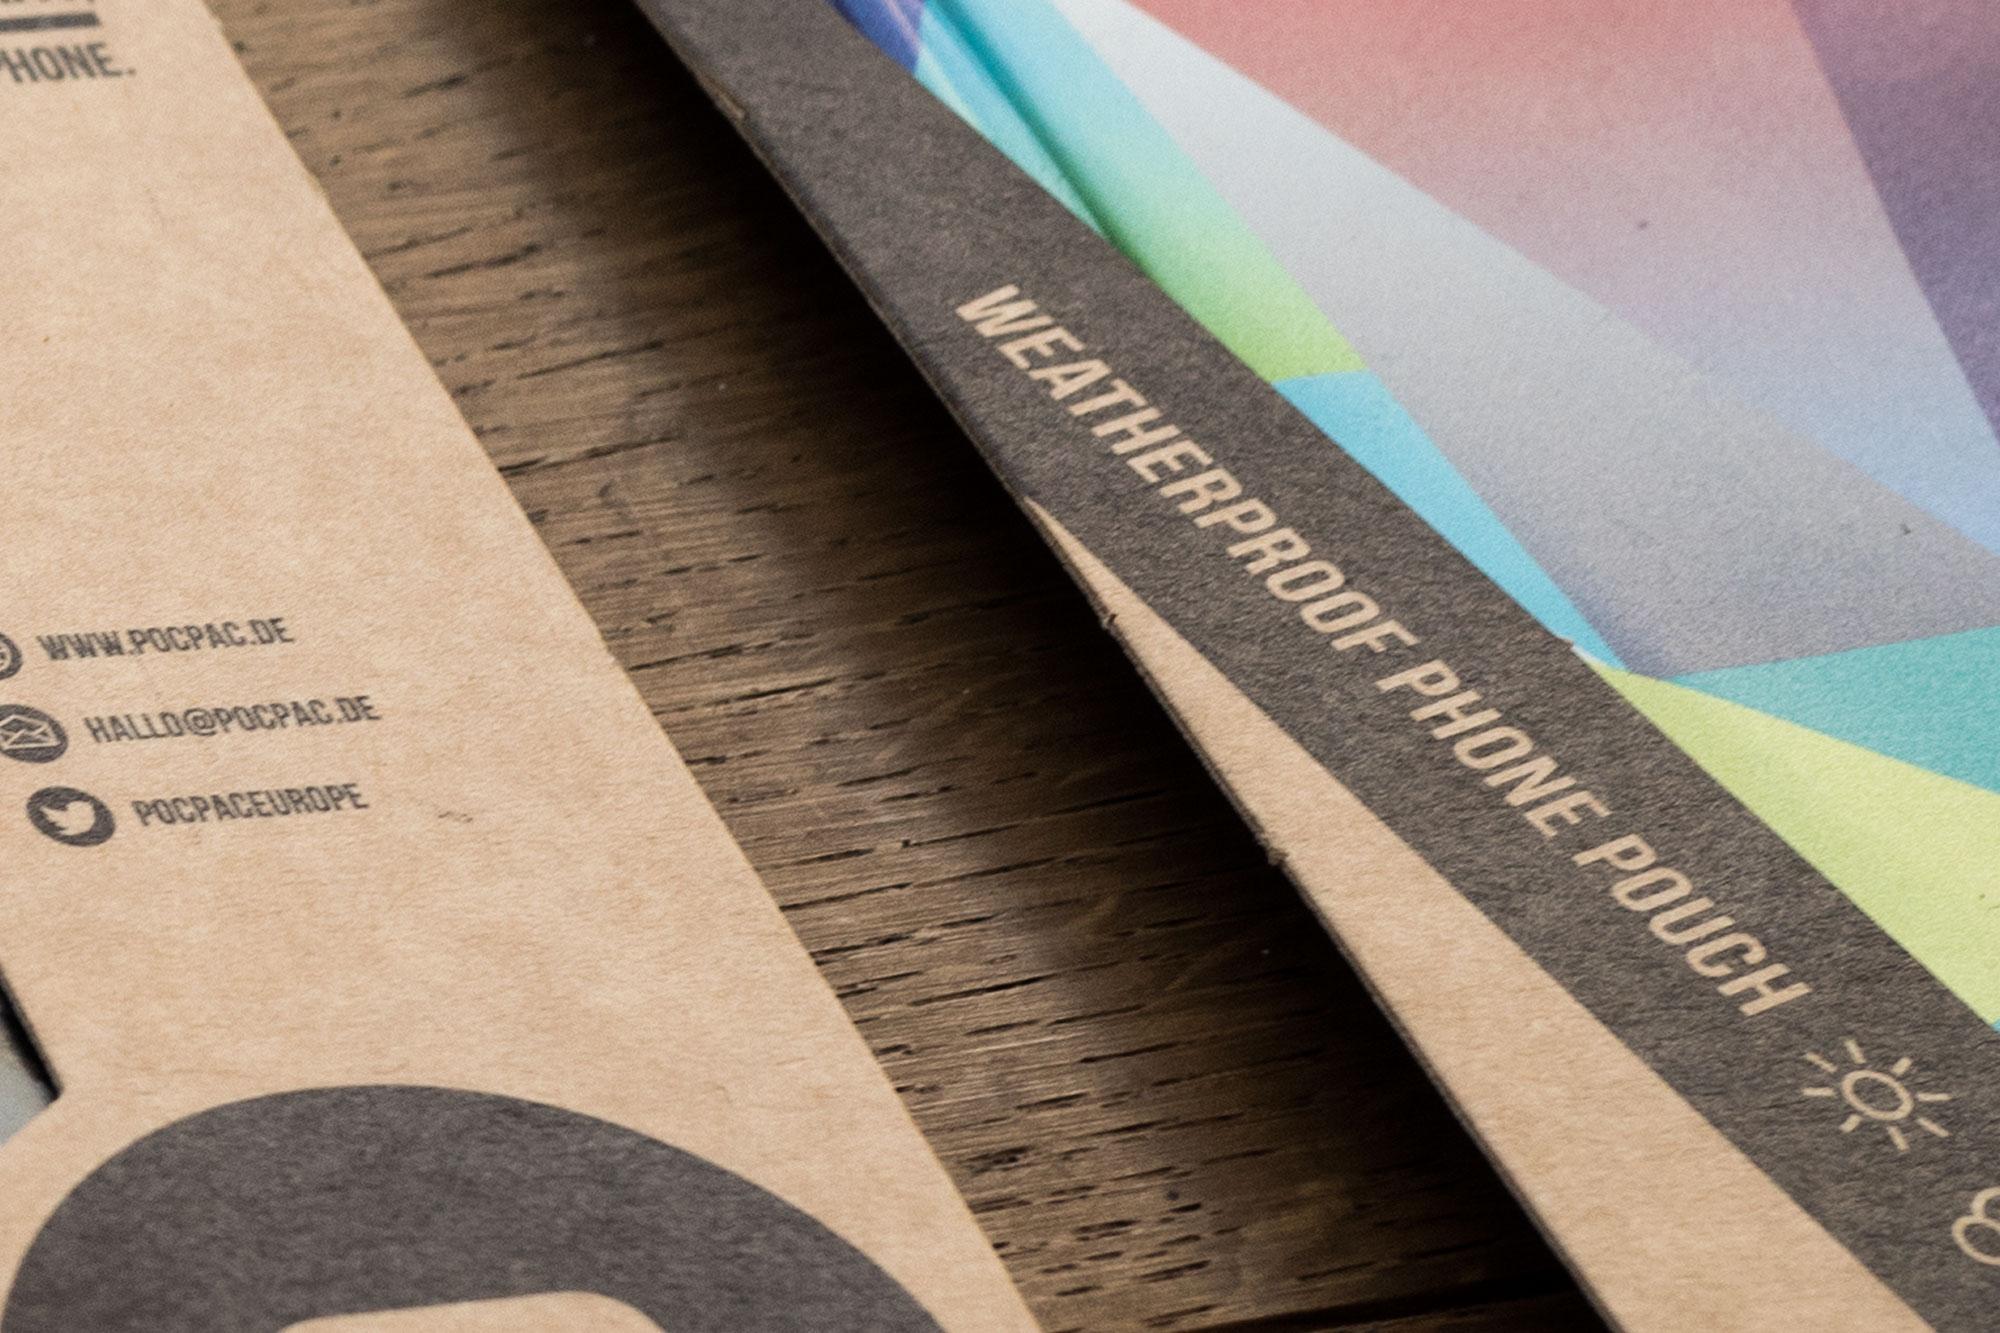 75a aus Stuttgart gestaltet die Produkverpackungen der Handyhüllen von Pocpac